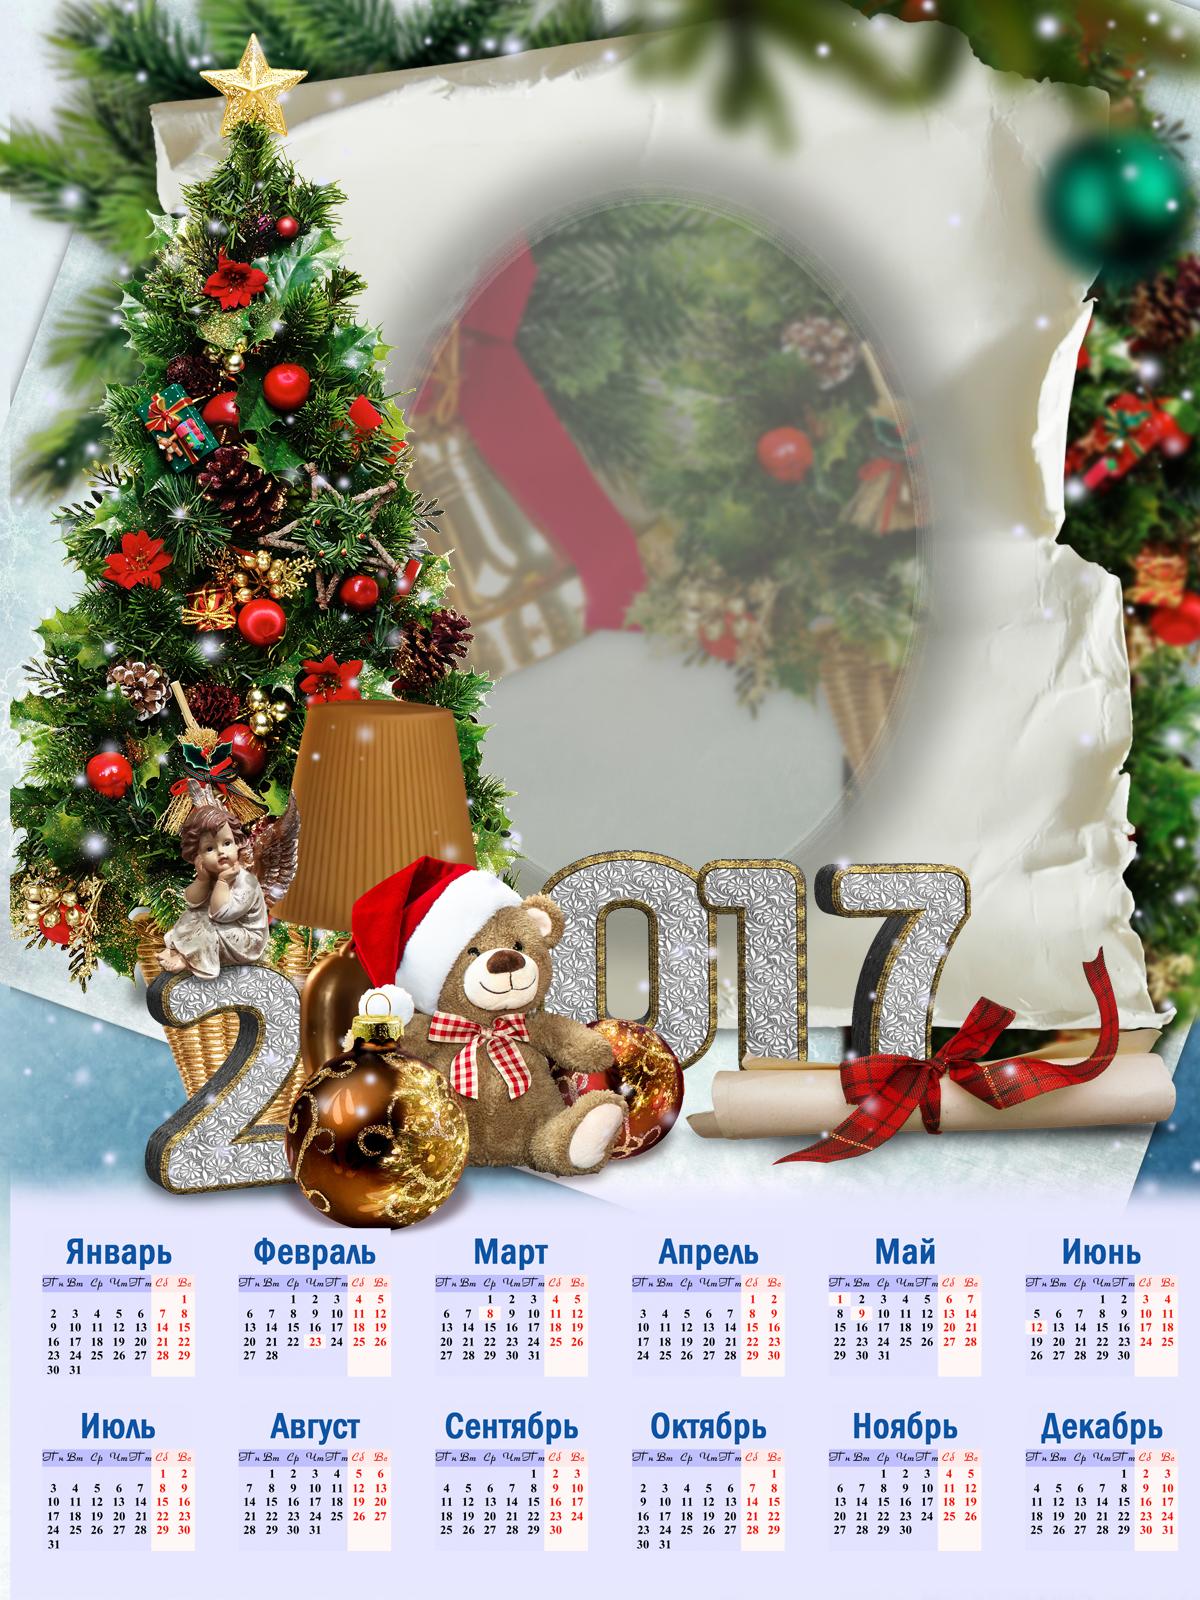 Фоторамка Календарь 2017 с елкой Фоторамка для фотошопа, PNG шаблон. Новогодний фото-календарь 2017. Плюшевый мишка, нарядная елка, елочные игрушки, звезда, разноцветные шары, овальная рамка для фото.